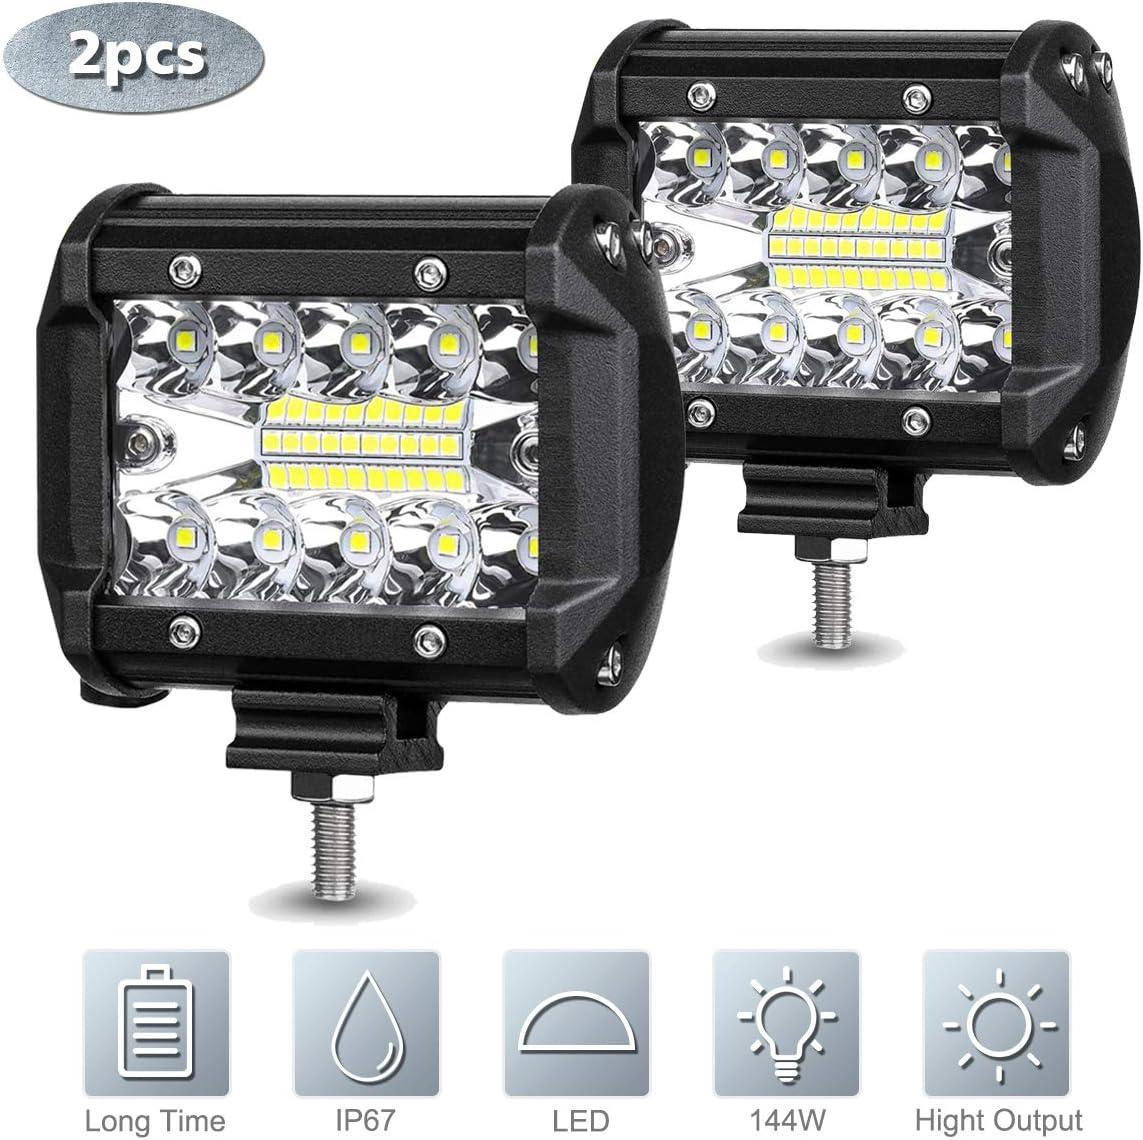 Traktor Jeeps LED Arbeitsscheinwerfer SUV ATV 2Pcs 4 LED Bar Zusatzscheinwerfer 7200LM 6000K 12V IP68 Nebelscheinwerfer Offroad Flutlicht Arbeitsleuchte f/ür LKW